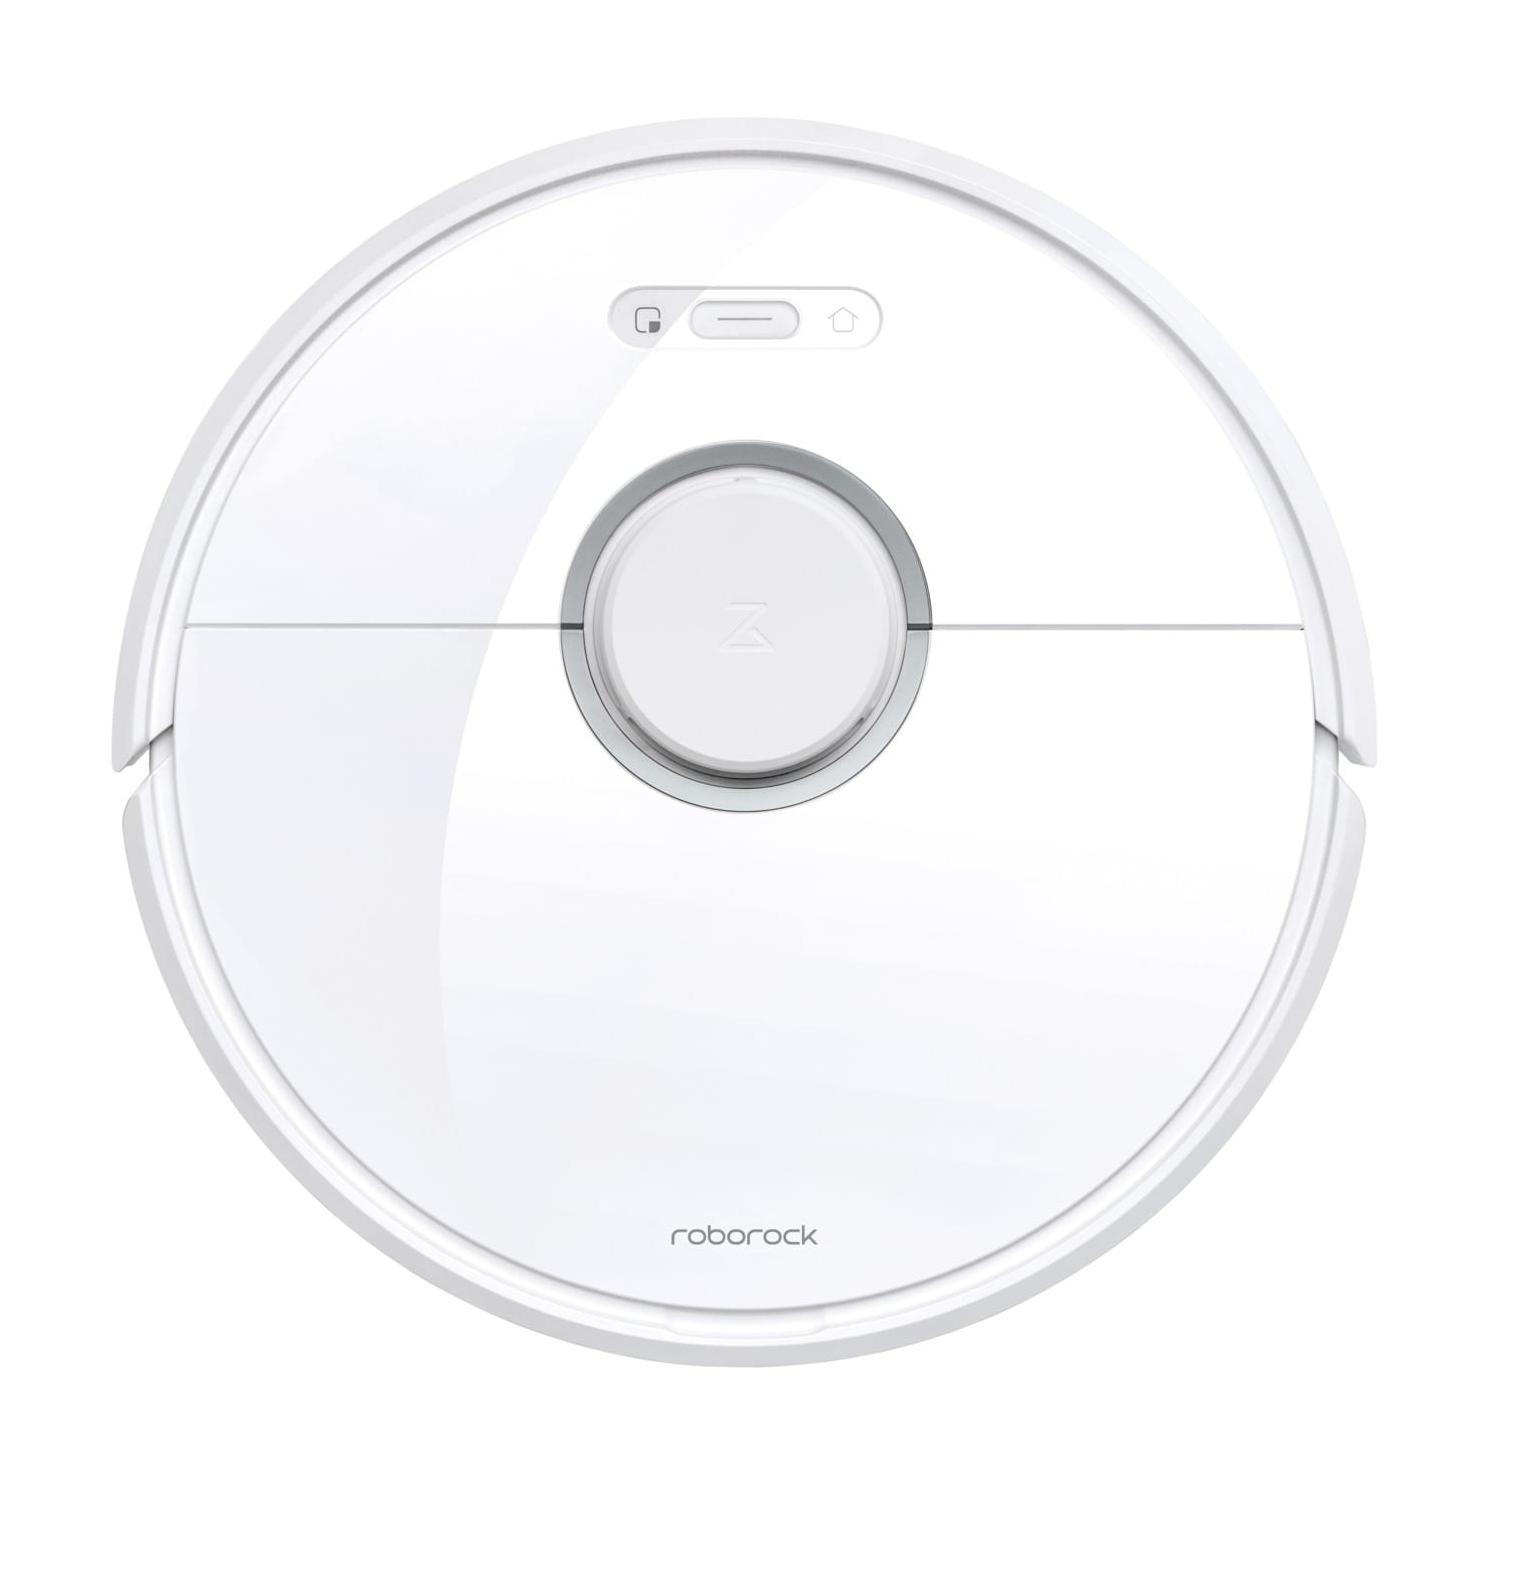 Roborock Xiaomi Roborock S6 - Beutellos - Weiß - Rund - 0,48 l - 58 dB - Teppich - Harter Boden